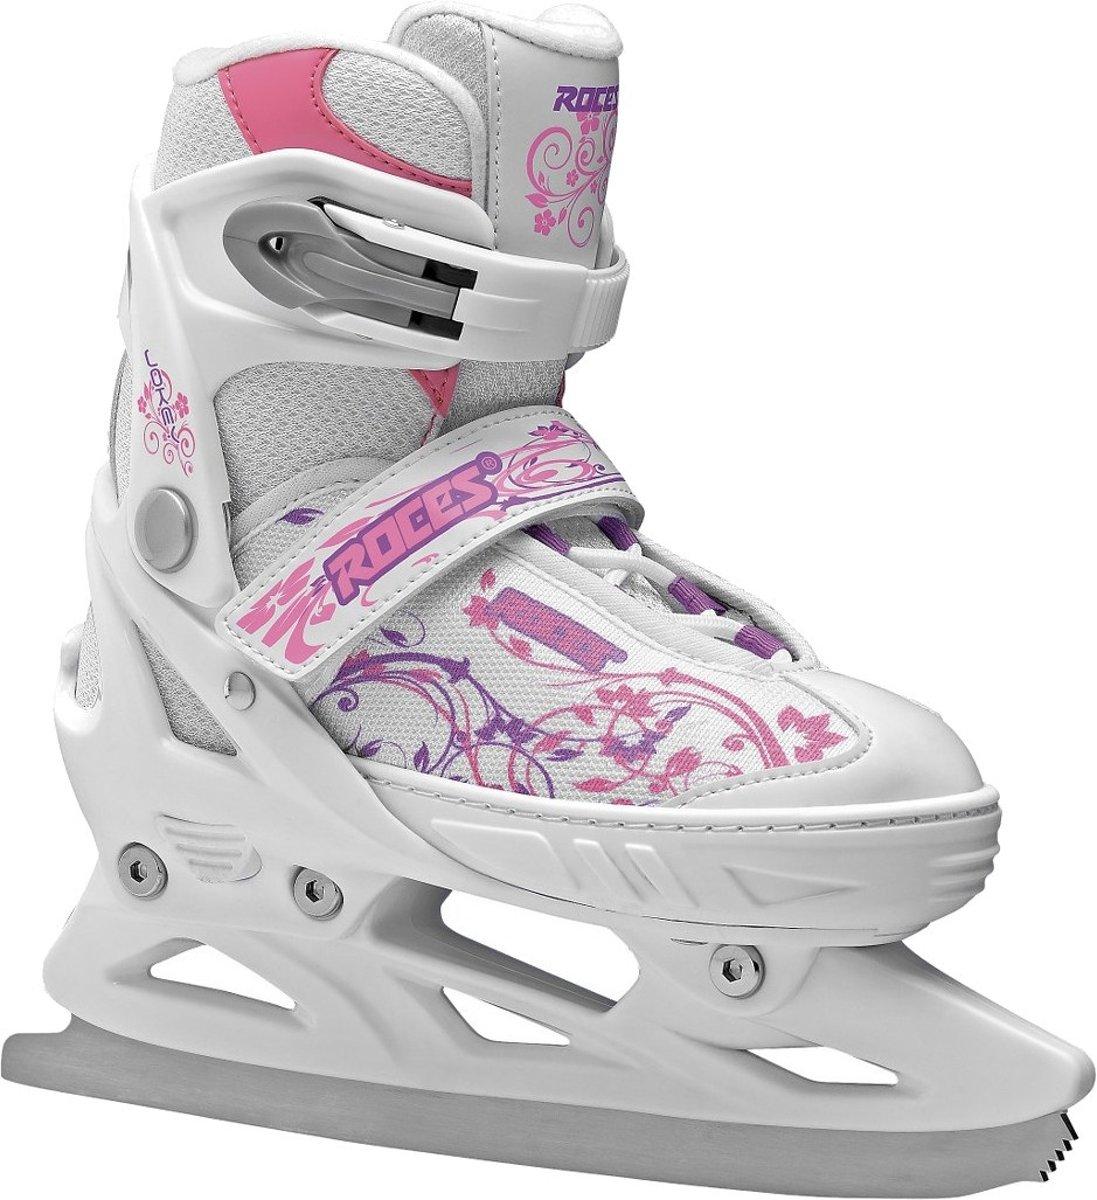 Roces Ijshockeyschaatsen Jokey Meisjes Wit/roze Maat 30-33